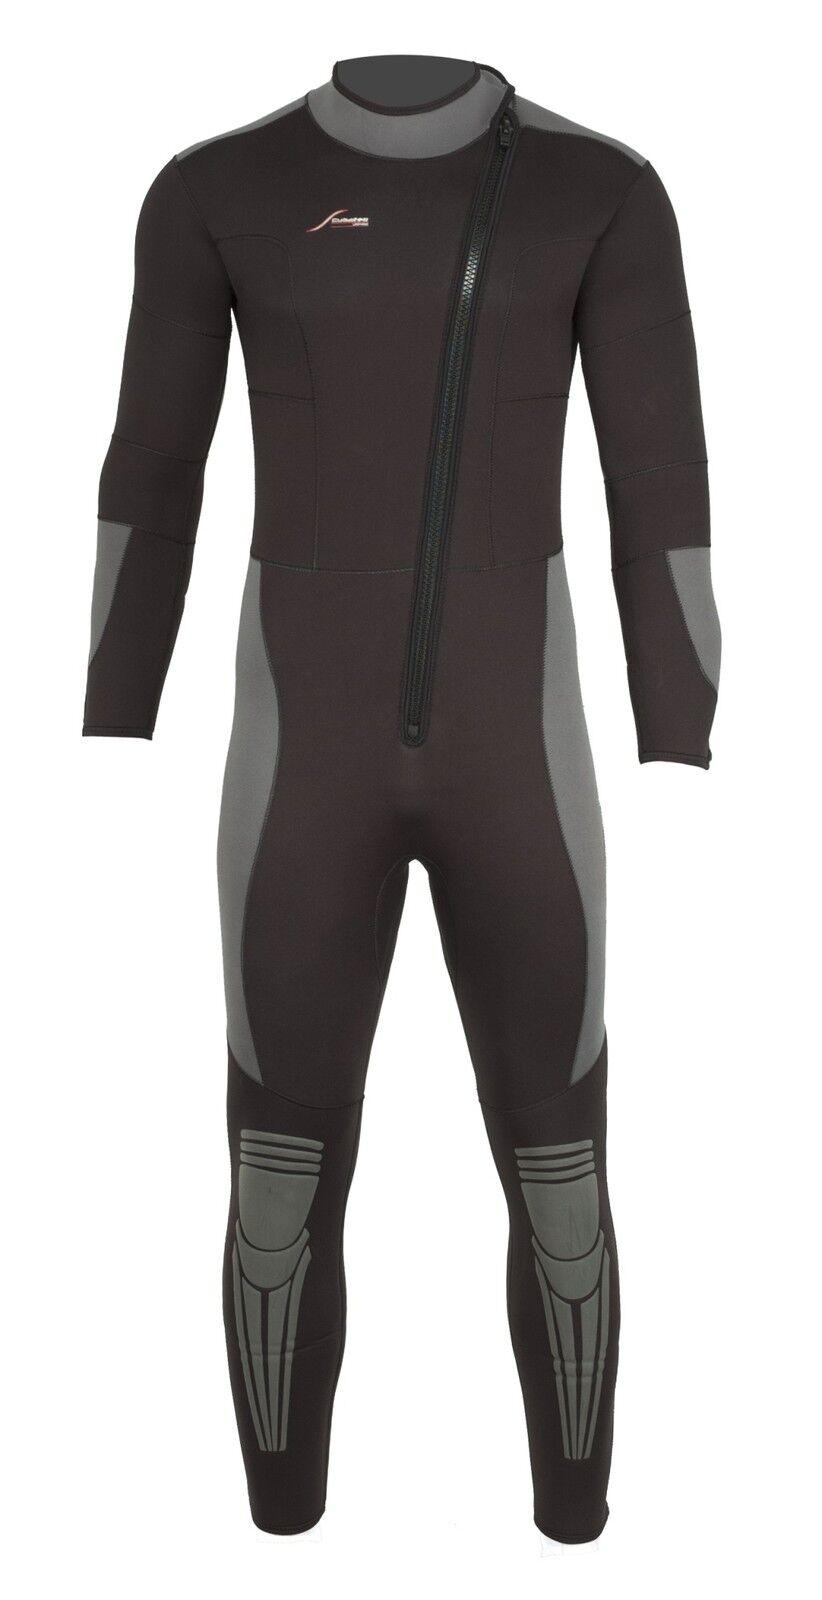 5mm Scubatec Neopren Neopren Neopren Anzug Tauchanzug Surfanzug mit Frontreißverschluß    | Luxus  | Exquisite Verarbeitung  | Online Outlet Shop  ddc1d2